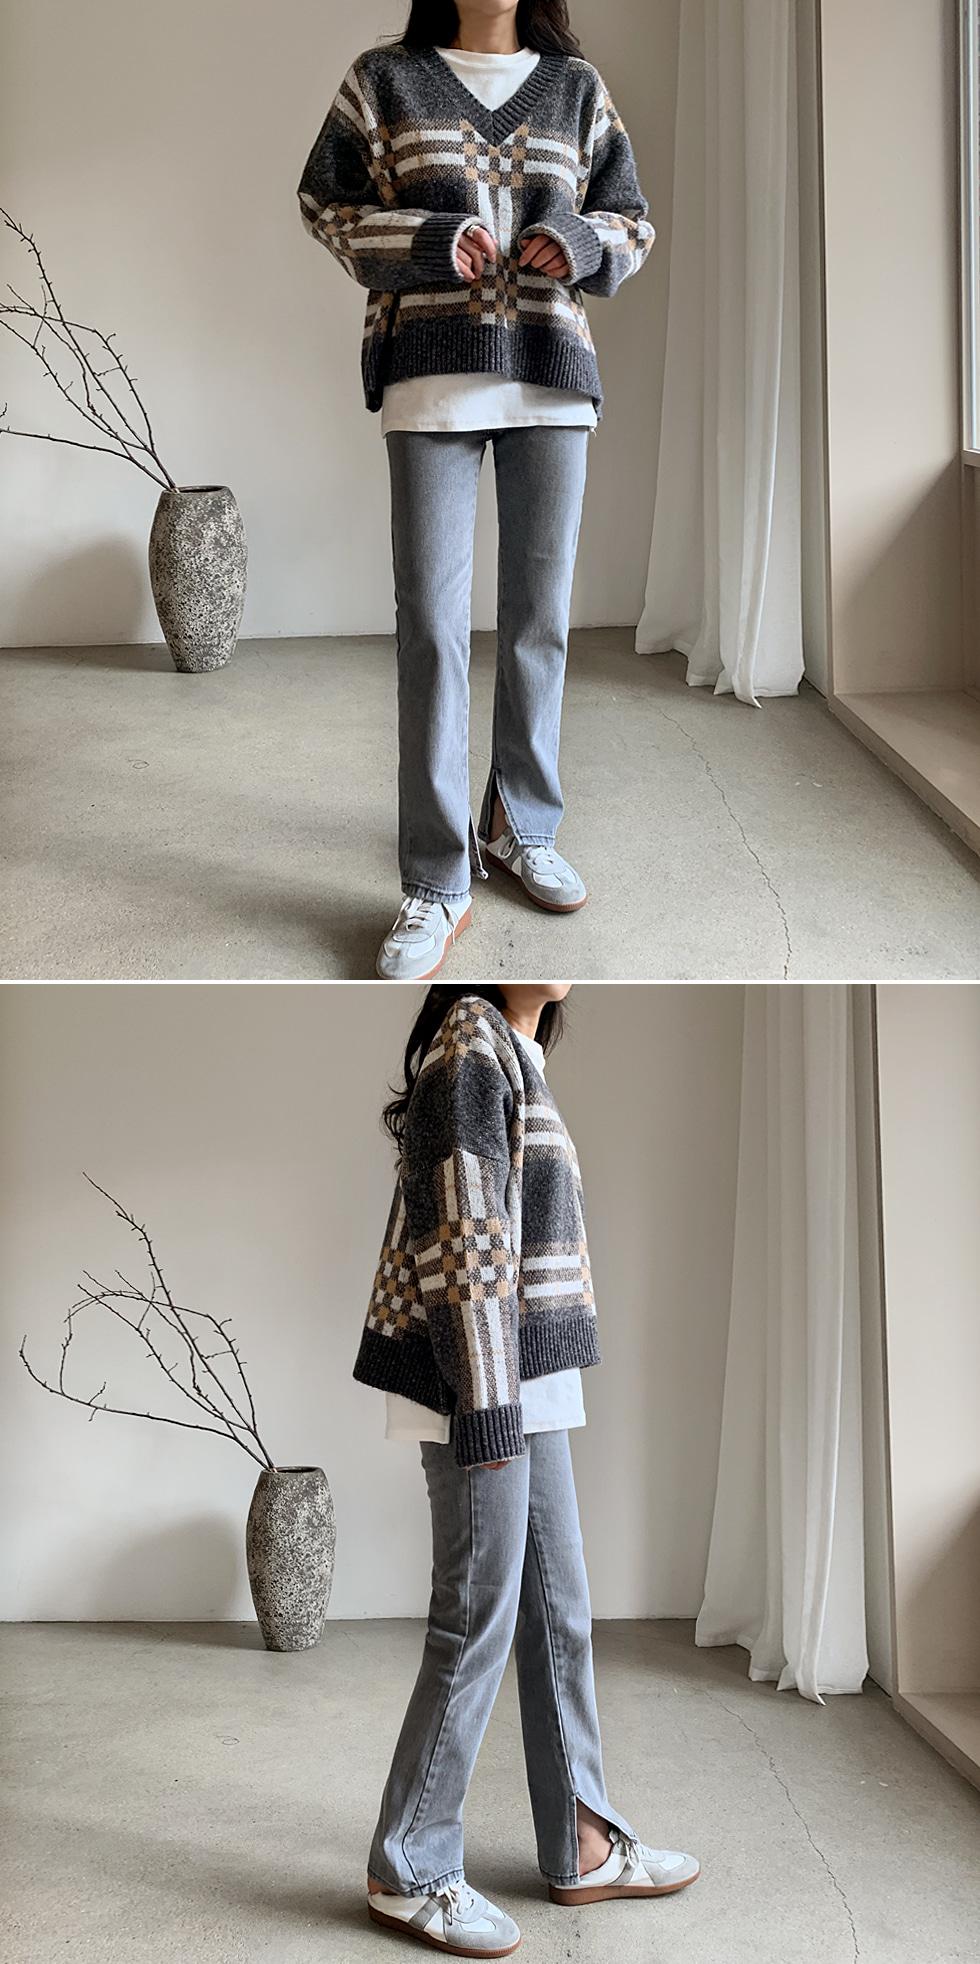 Dottom Check V-Neck Knitwear